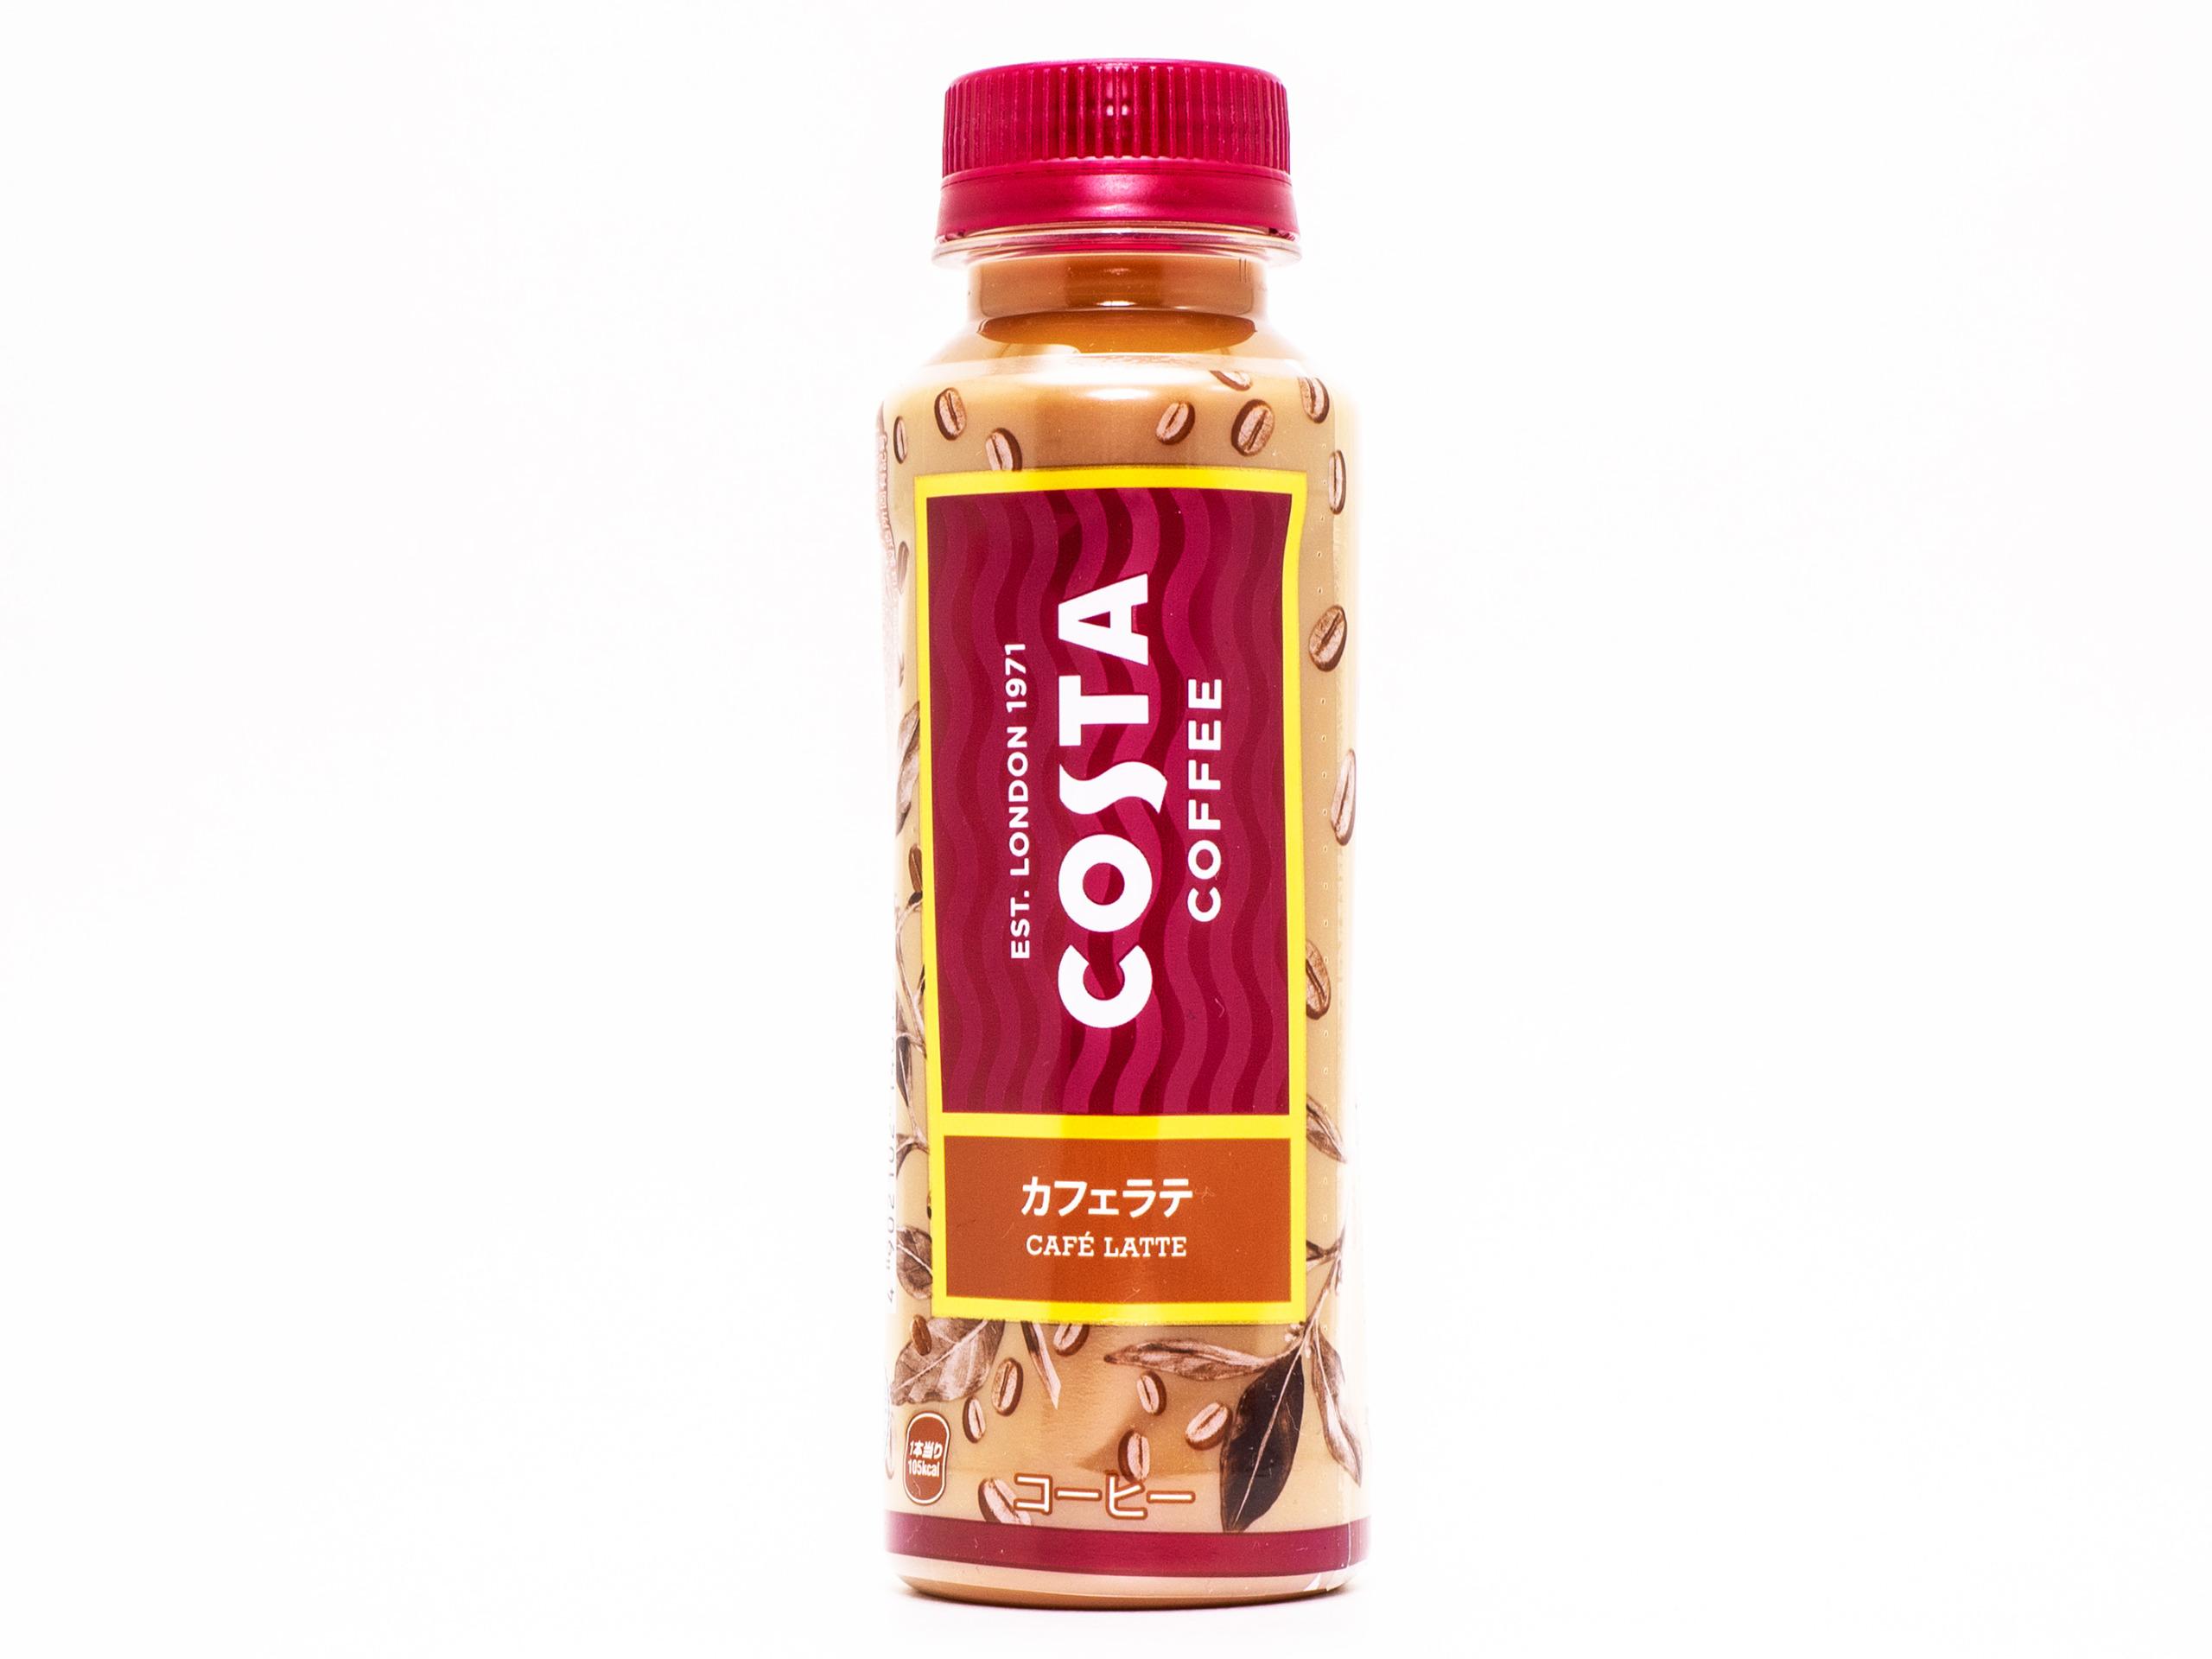 コカ・コーラカスタマーマーケティング コスタ コーヒー カフェラテ